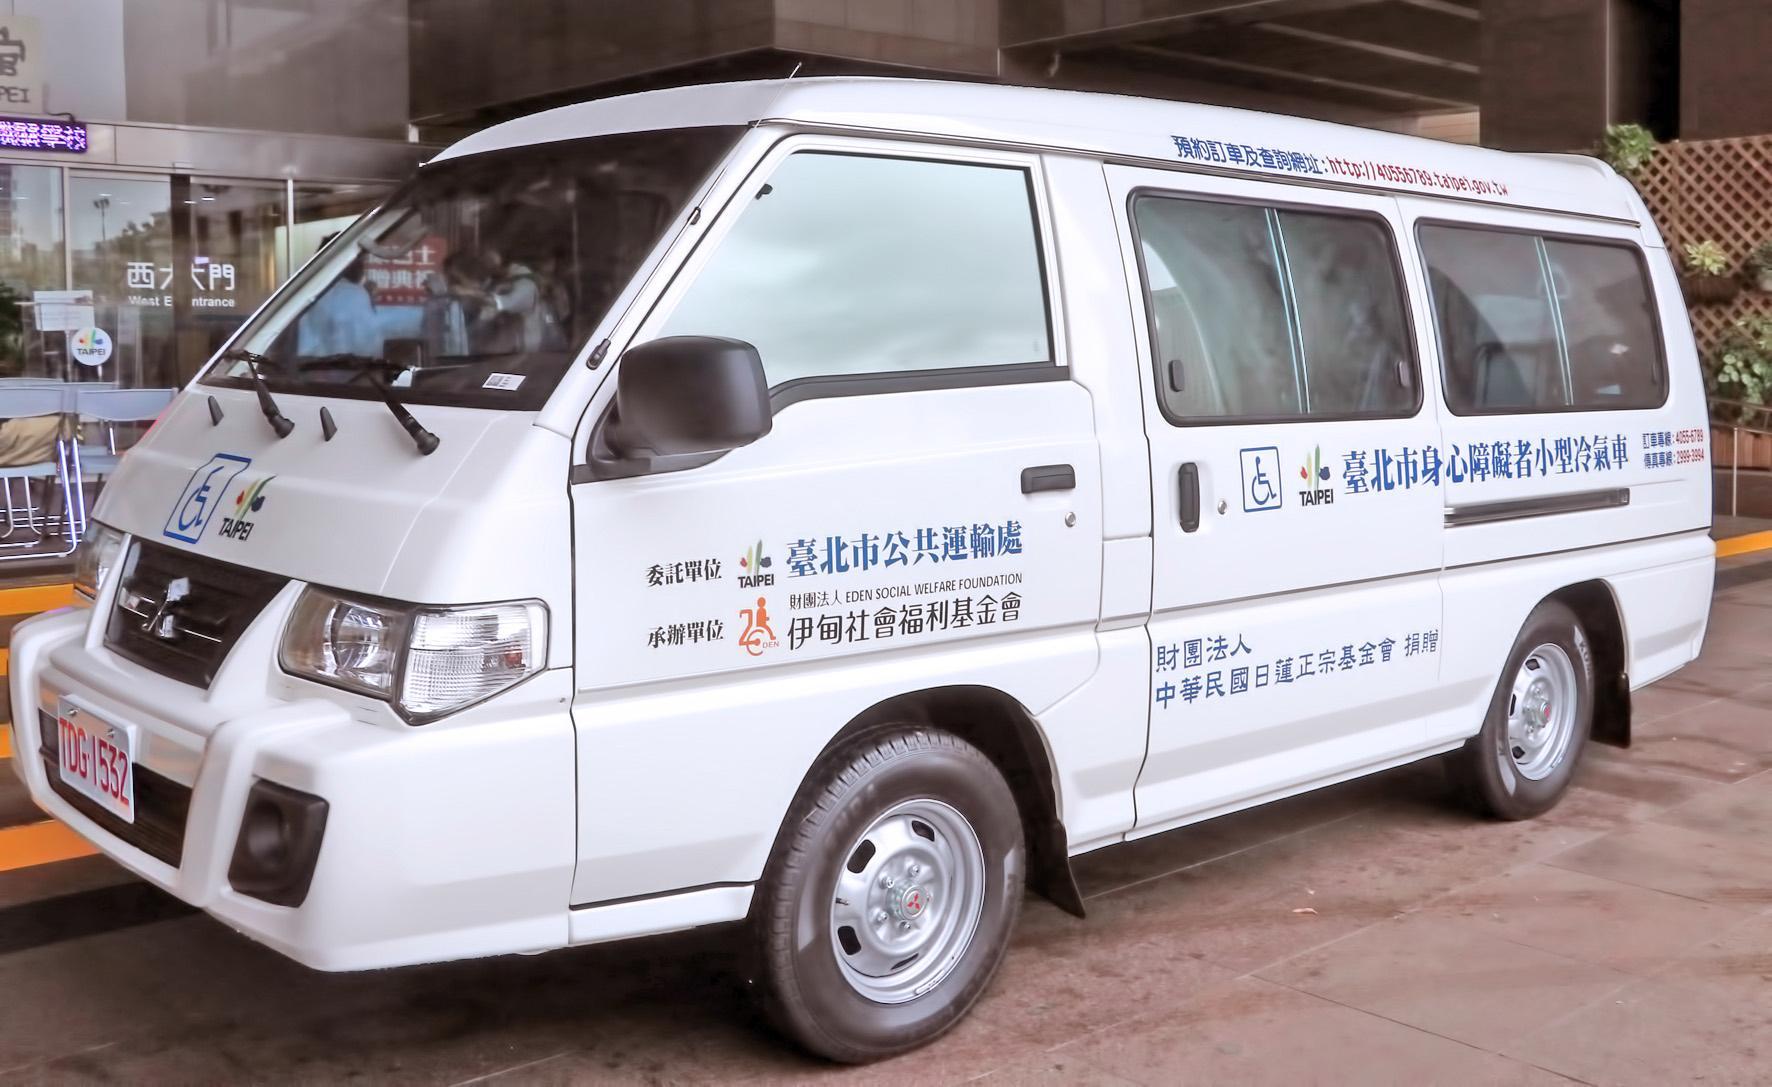 本基金會捐贈復康巴士一輛,協助有需要的市民。